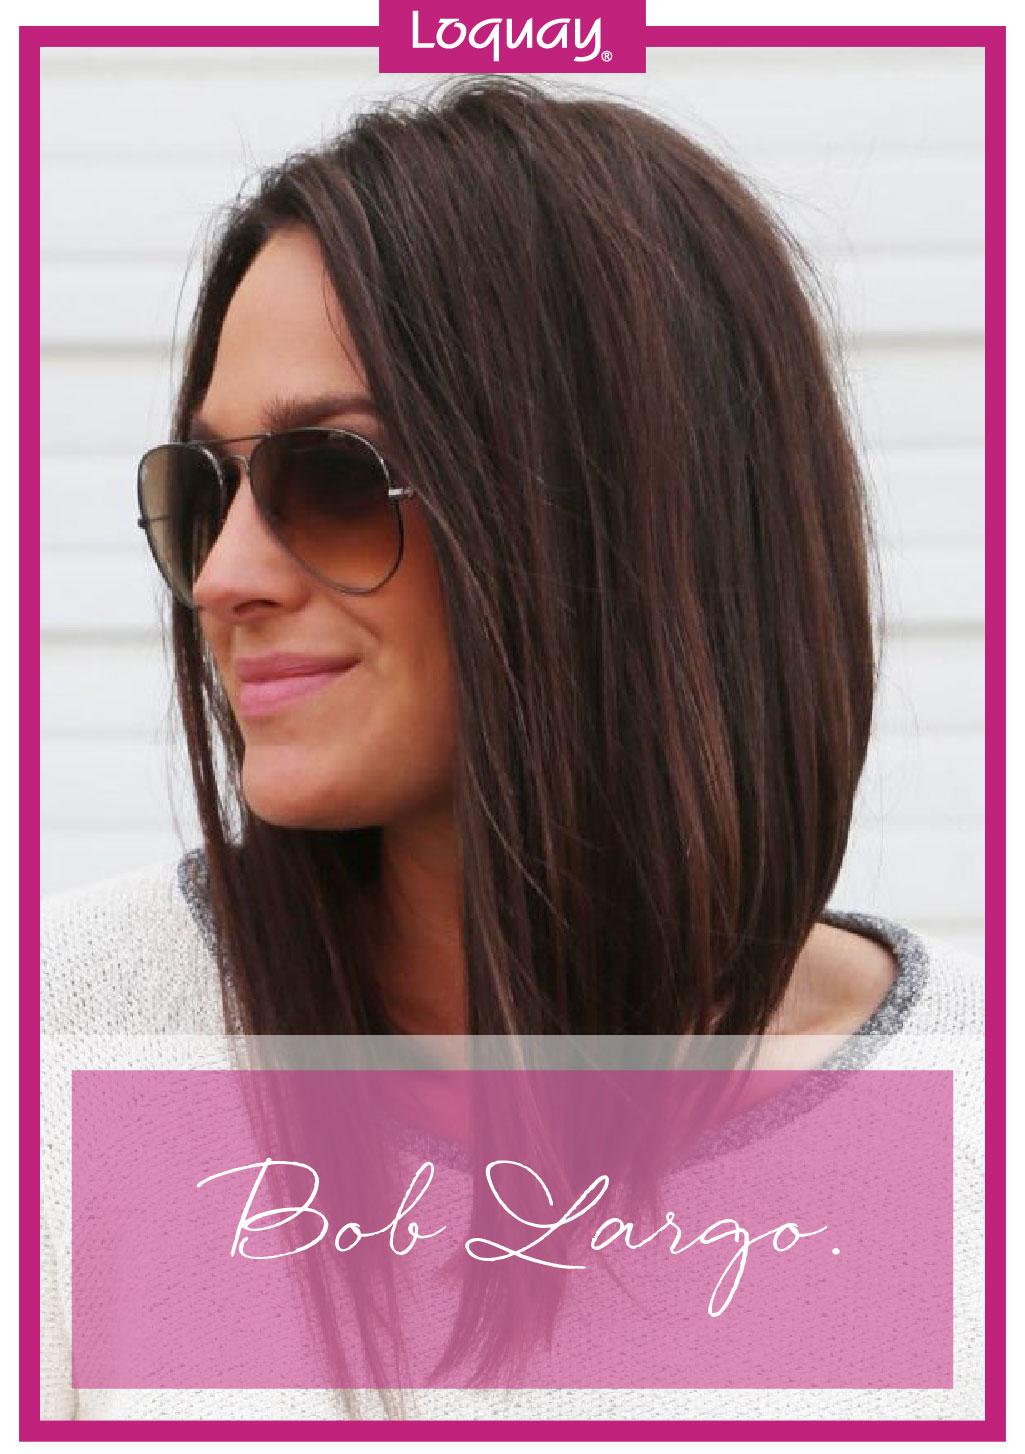 Corte de cabello bob largo cara redonda